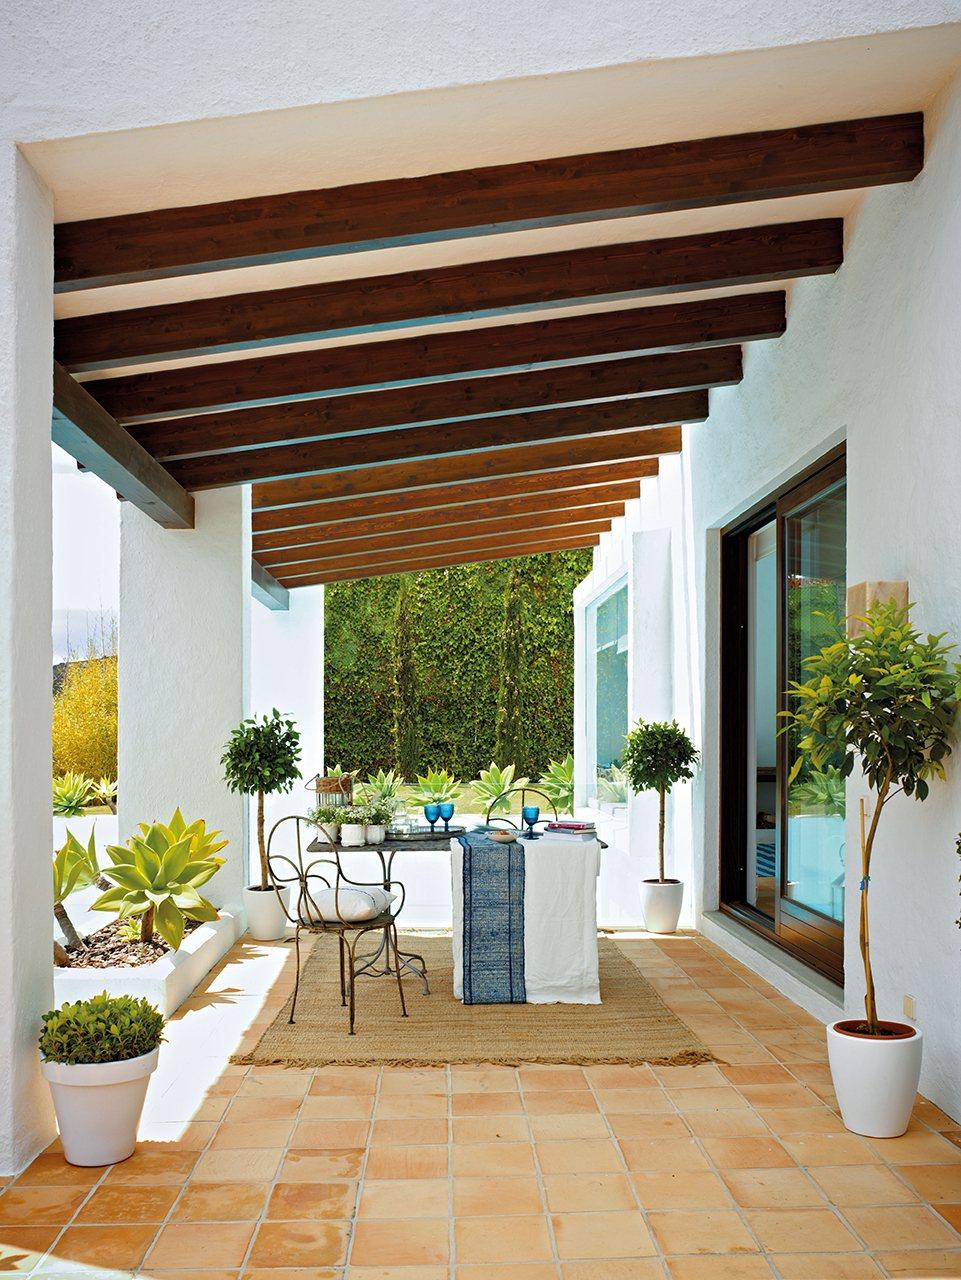 226 - Esencia andaluza de luz y frescura en una preciosa casa en Sotogrande, Cádiz